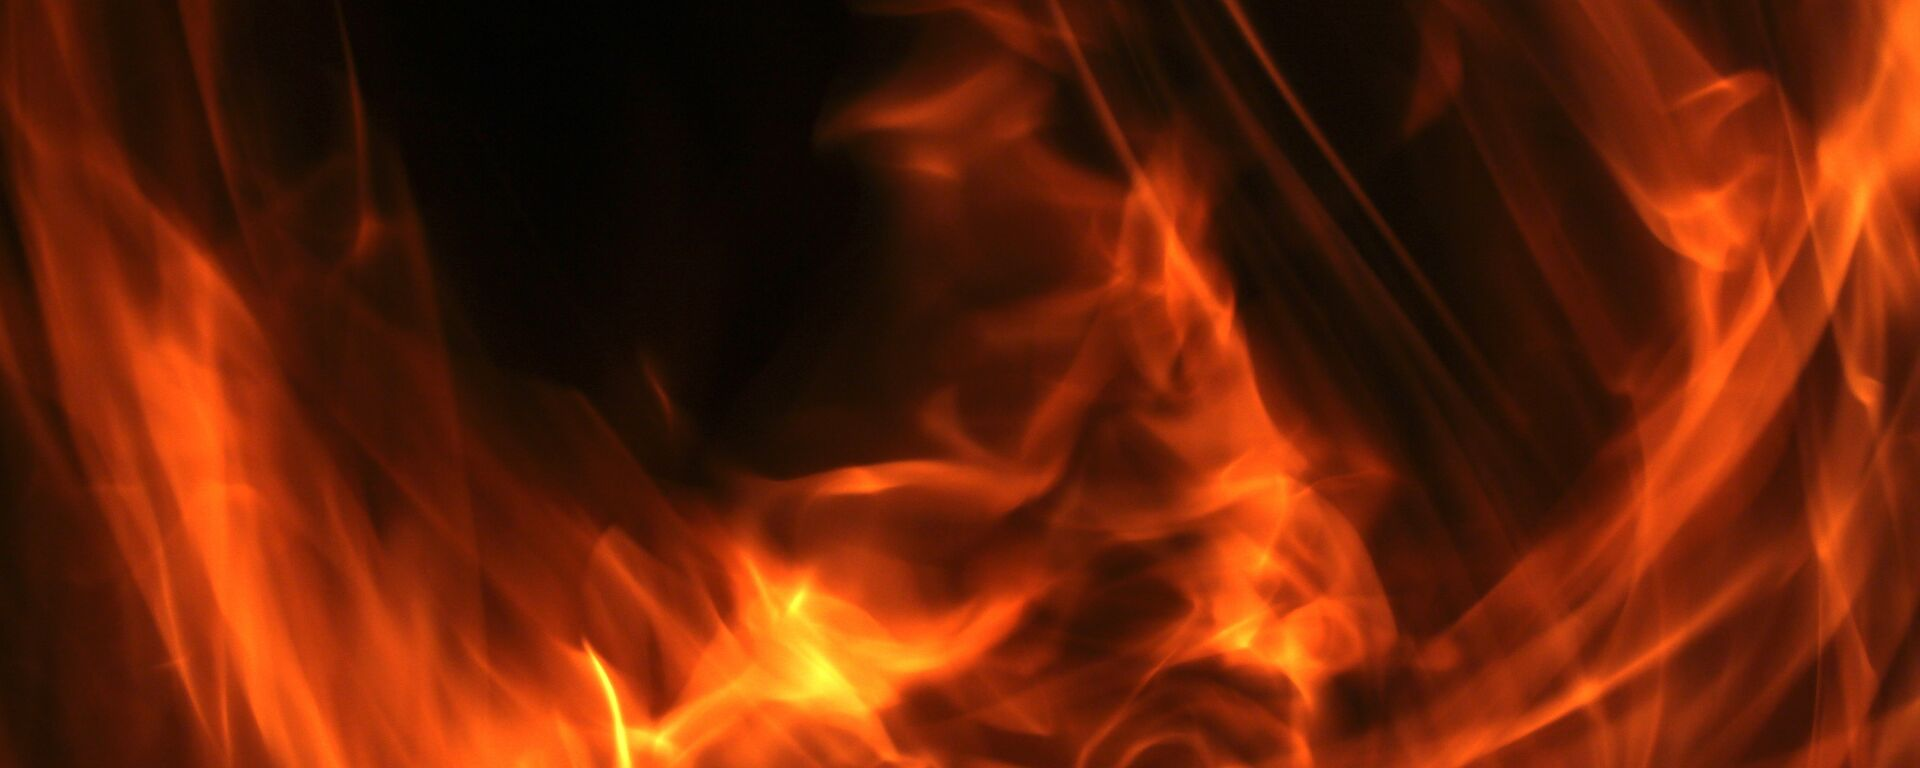 Fuego (imagen referencial) - Sputnik Mundo, 1920, 14.04.2021